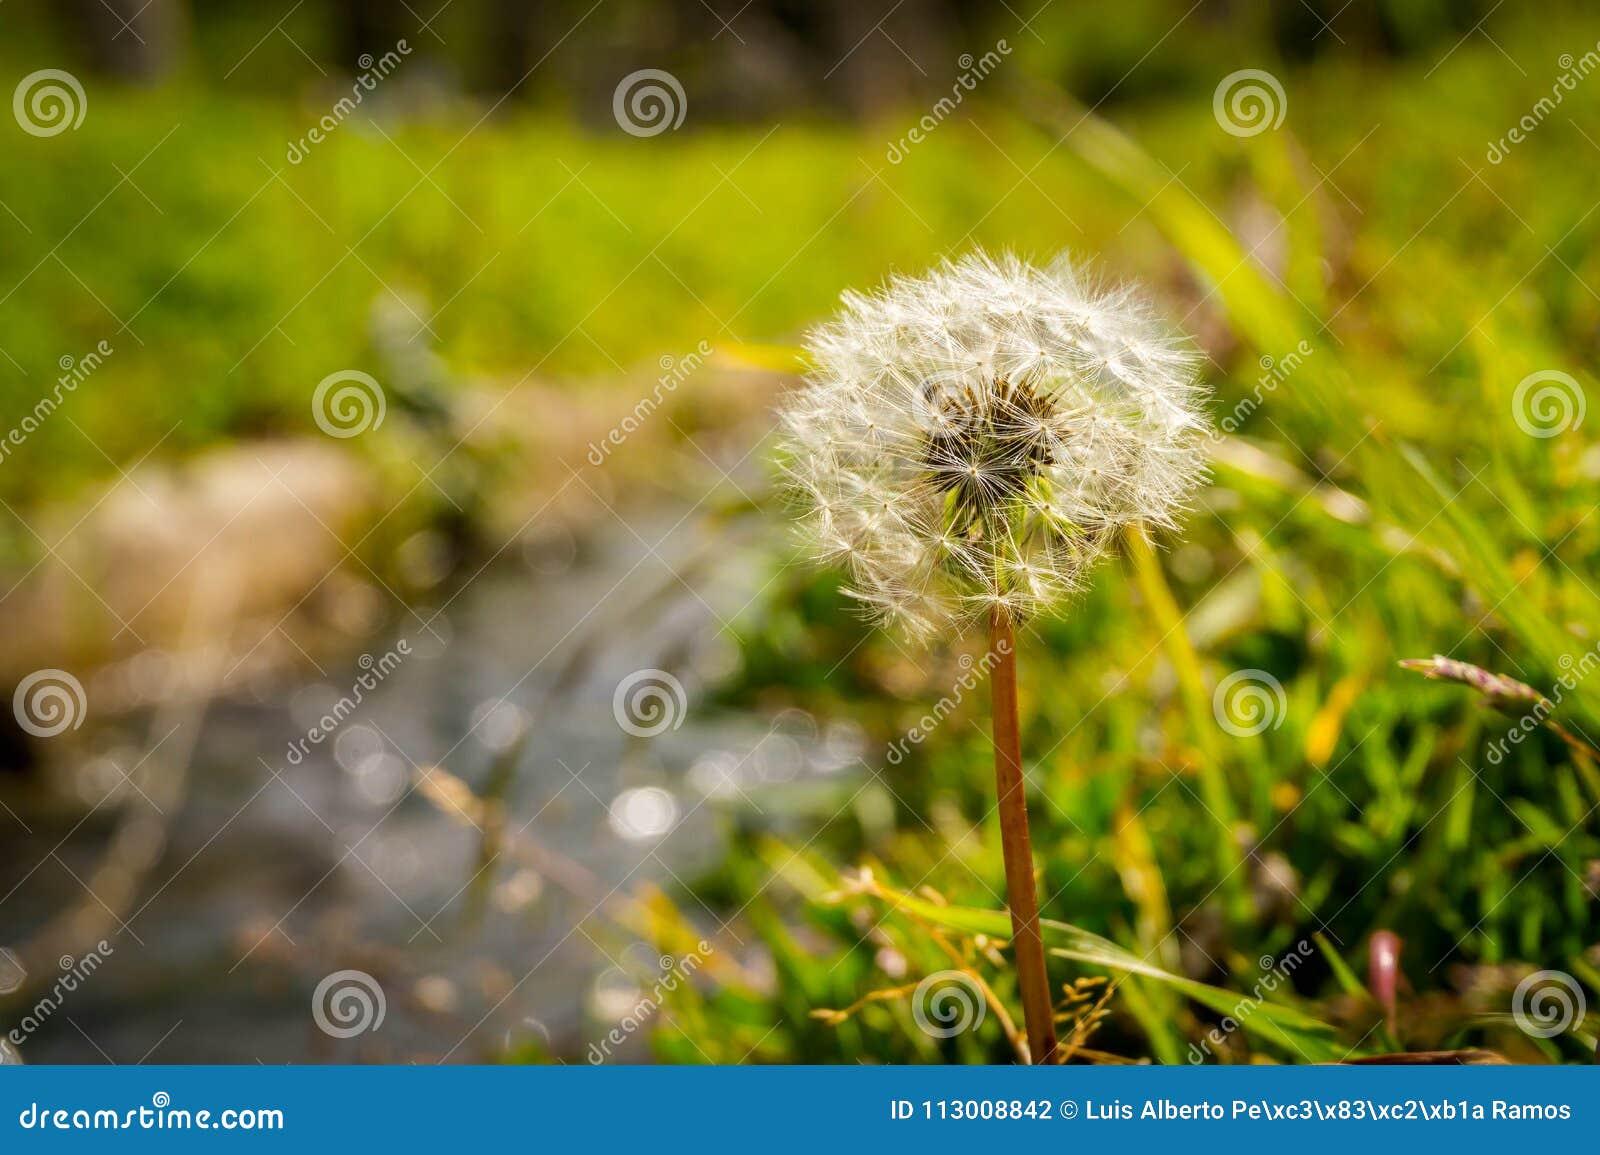 Hintergrund einer Löwenzahn-Blume auf dem Gebiet im Sommer